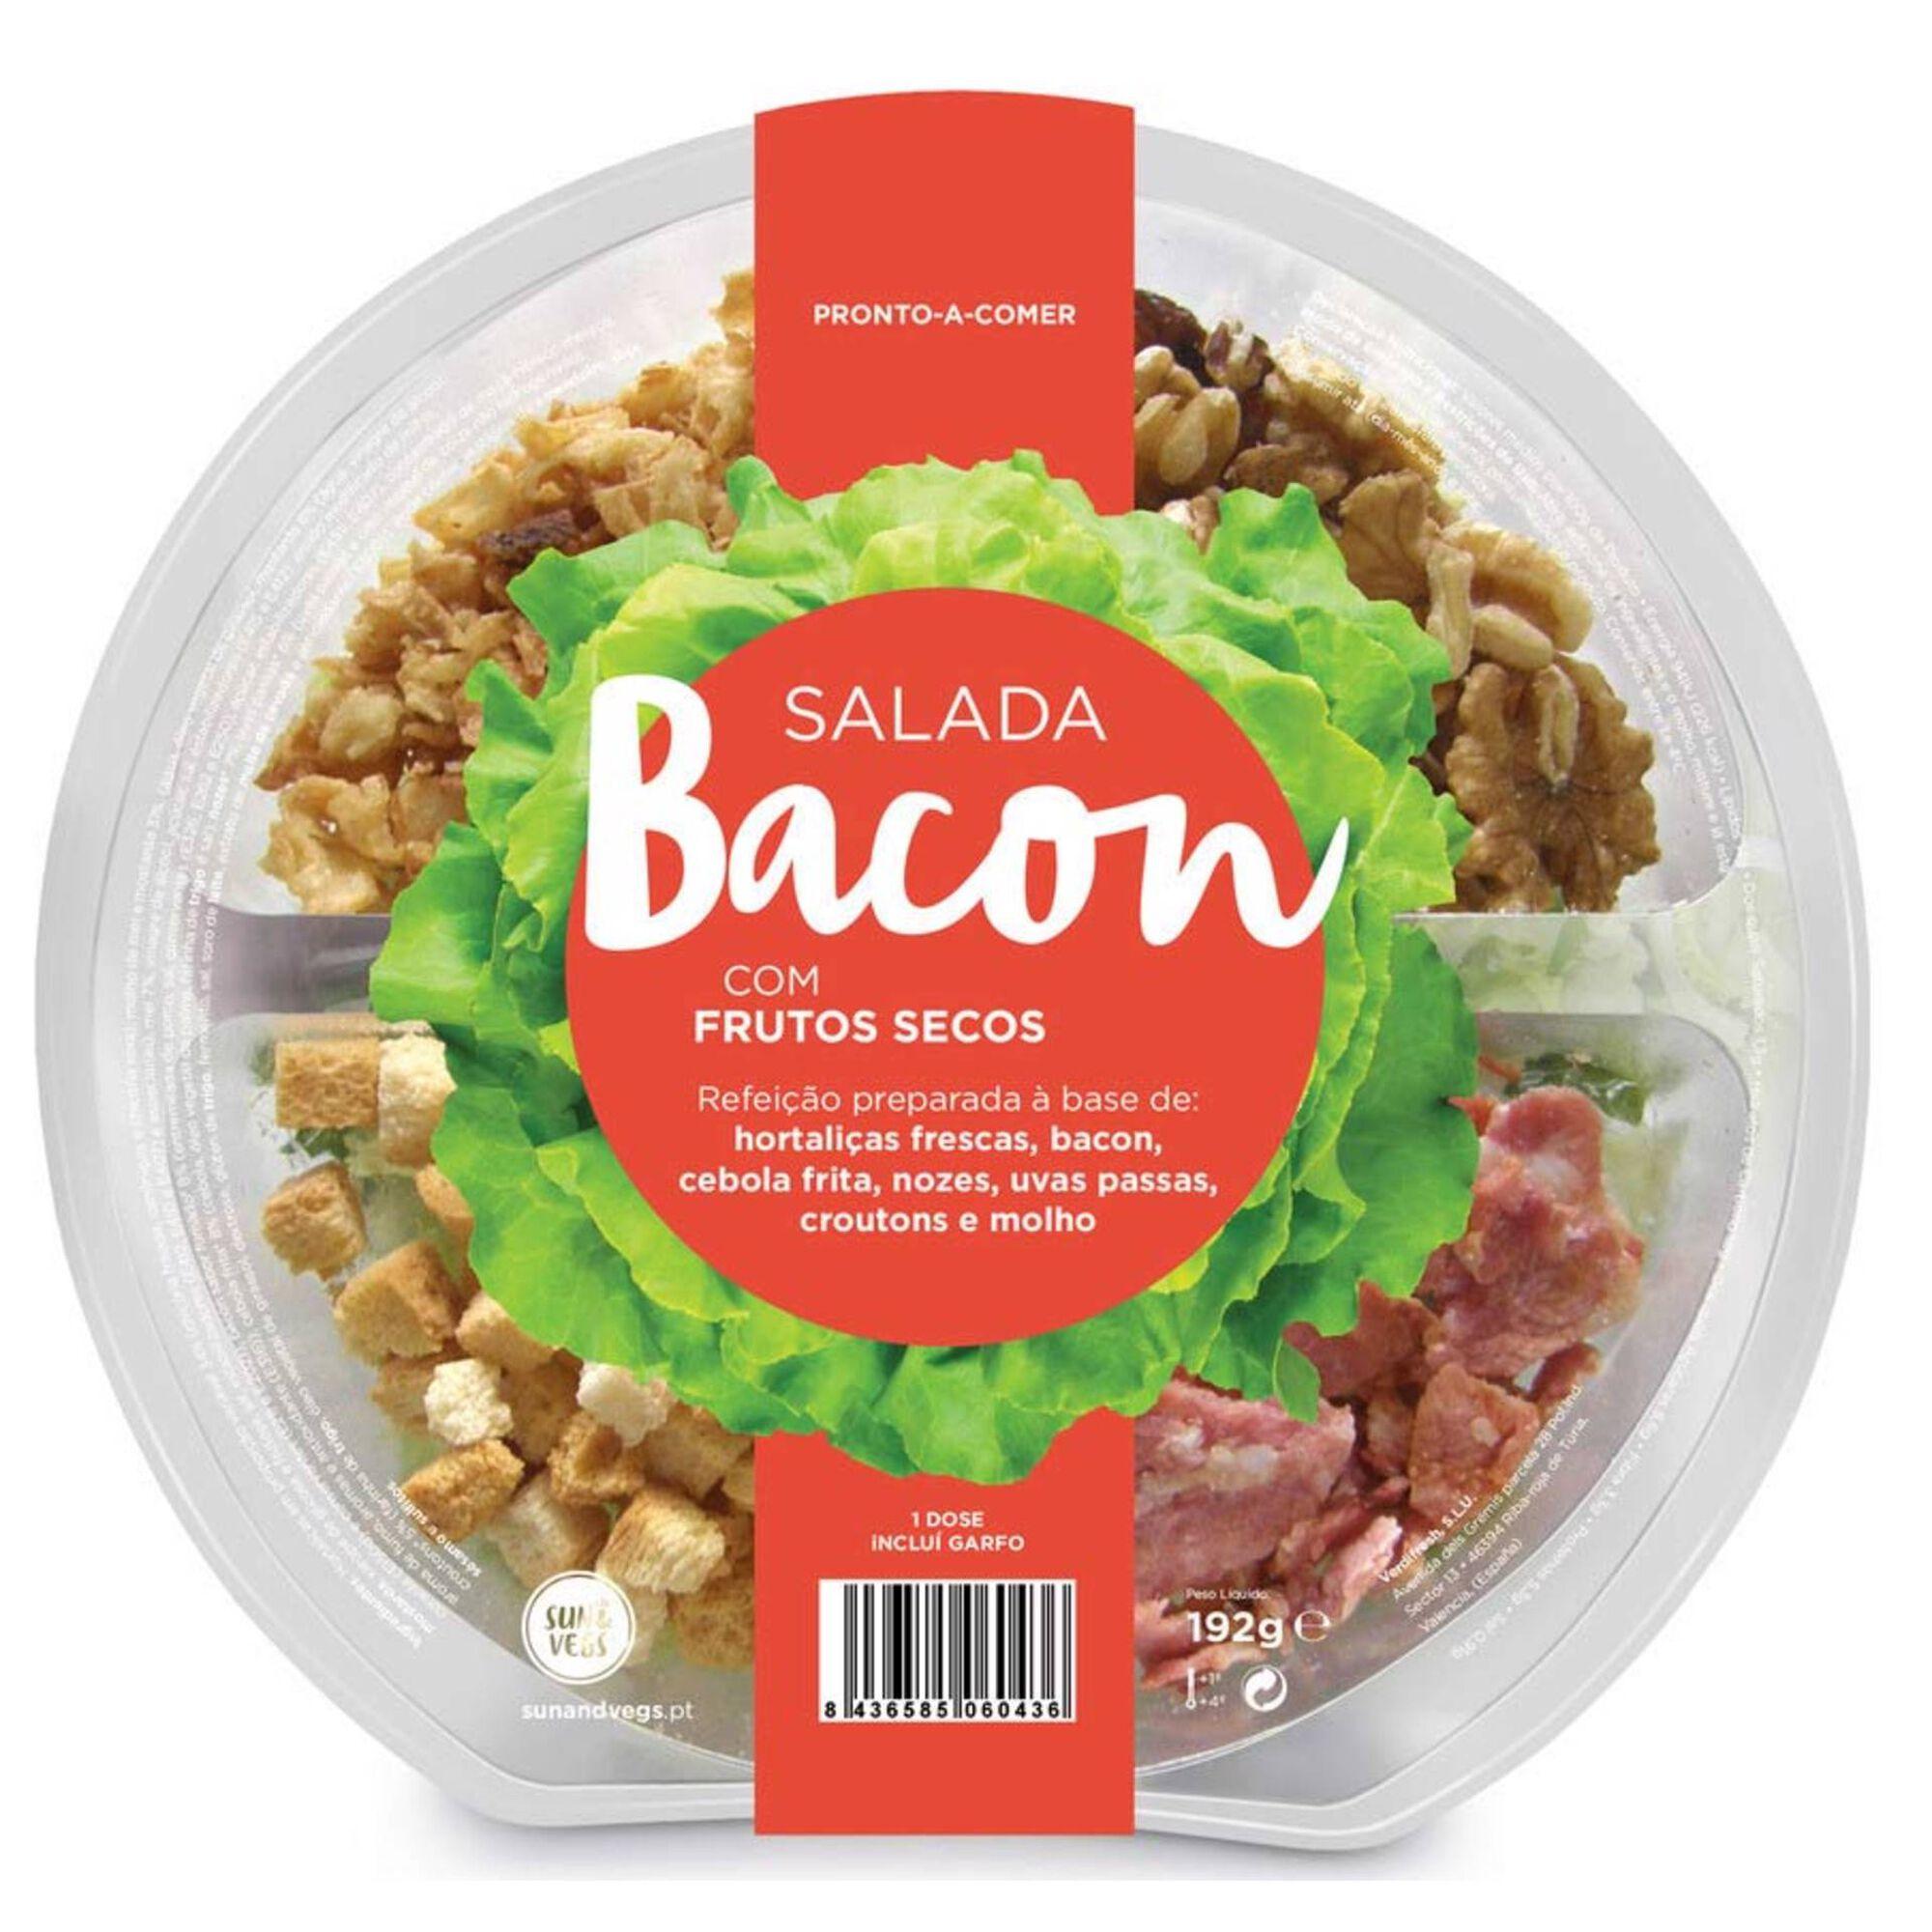 Salada de Bacon com Frutos Secos